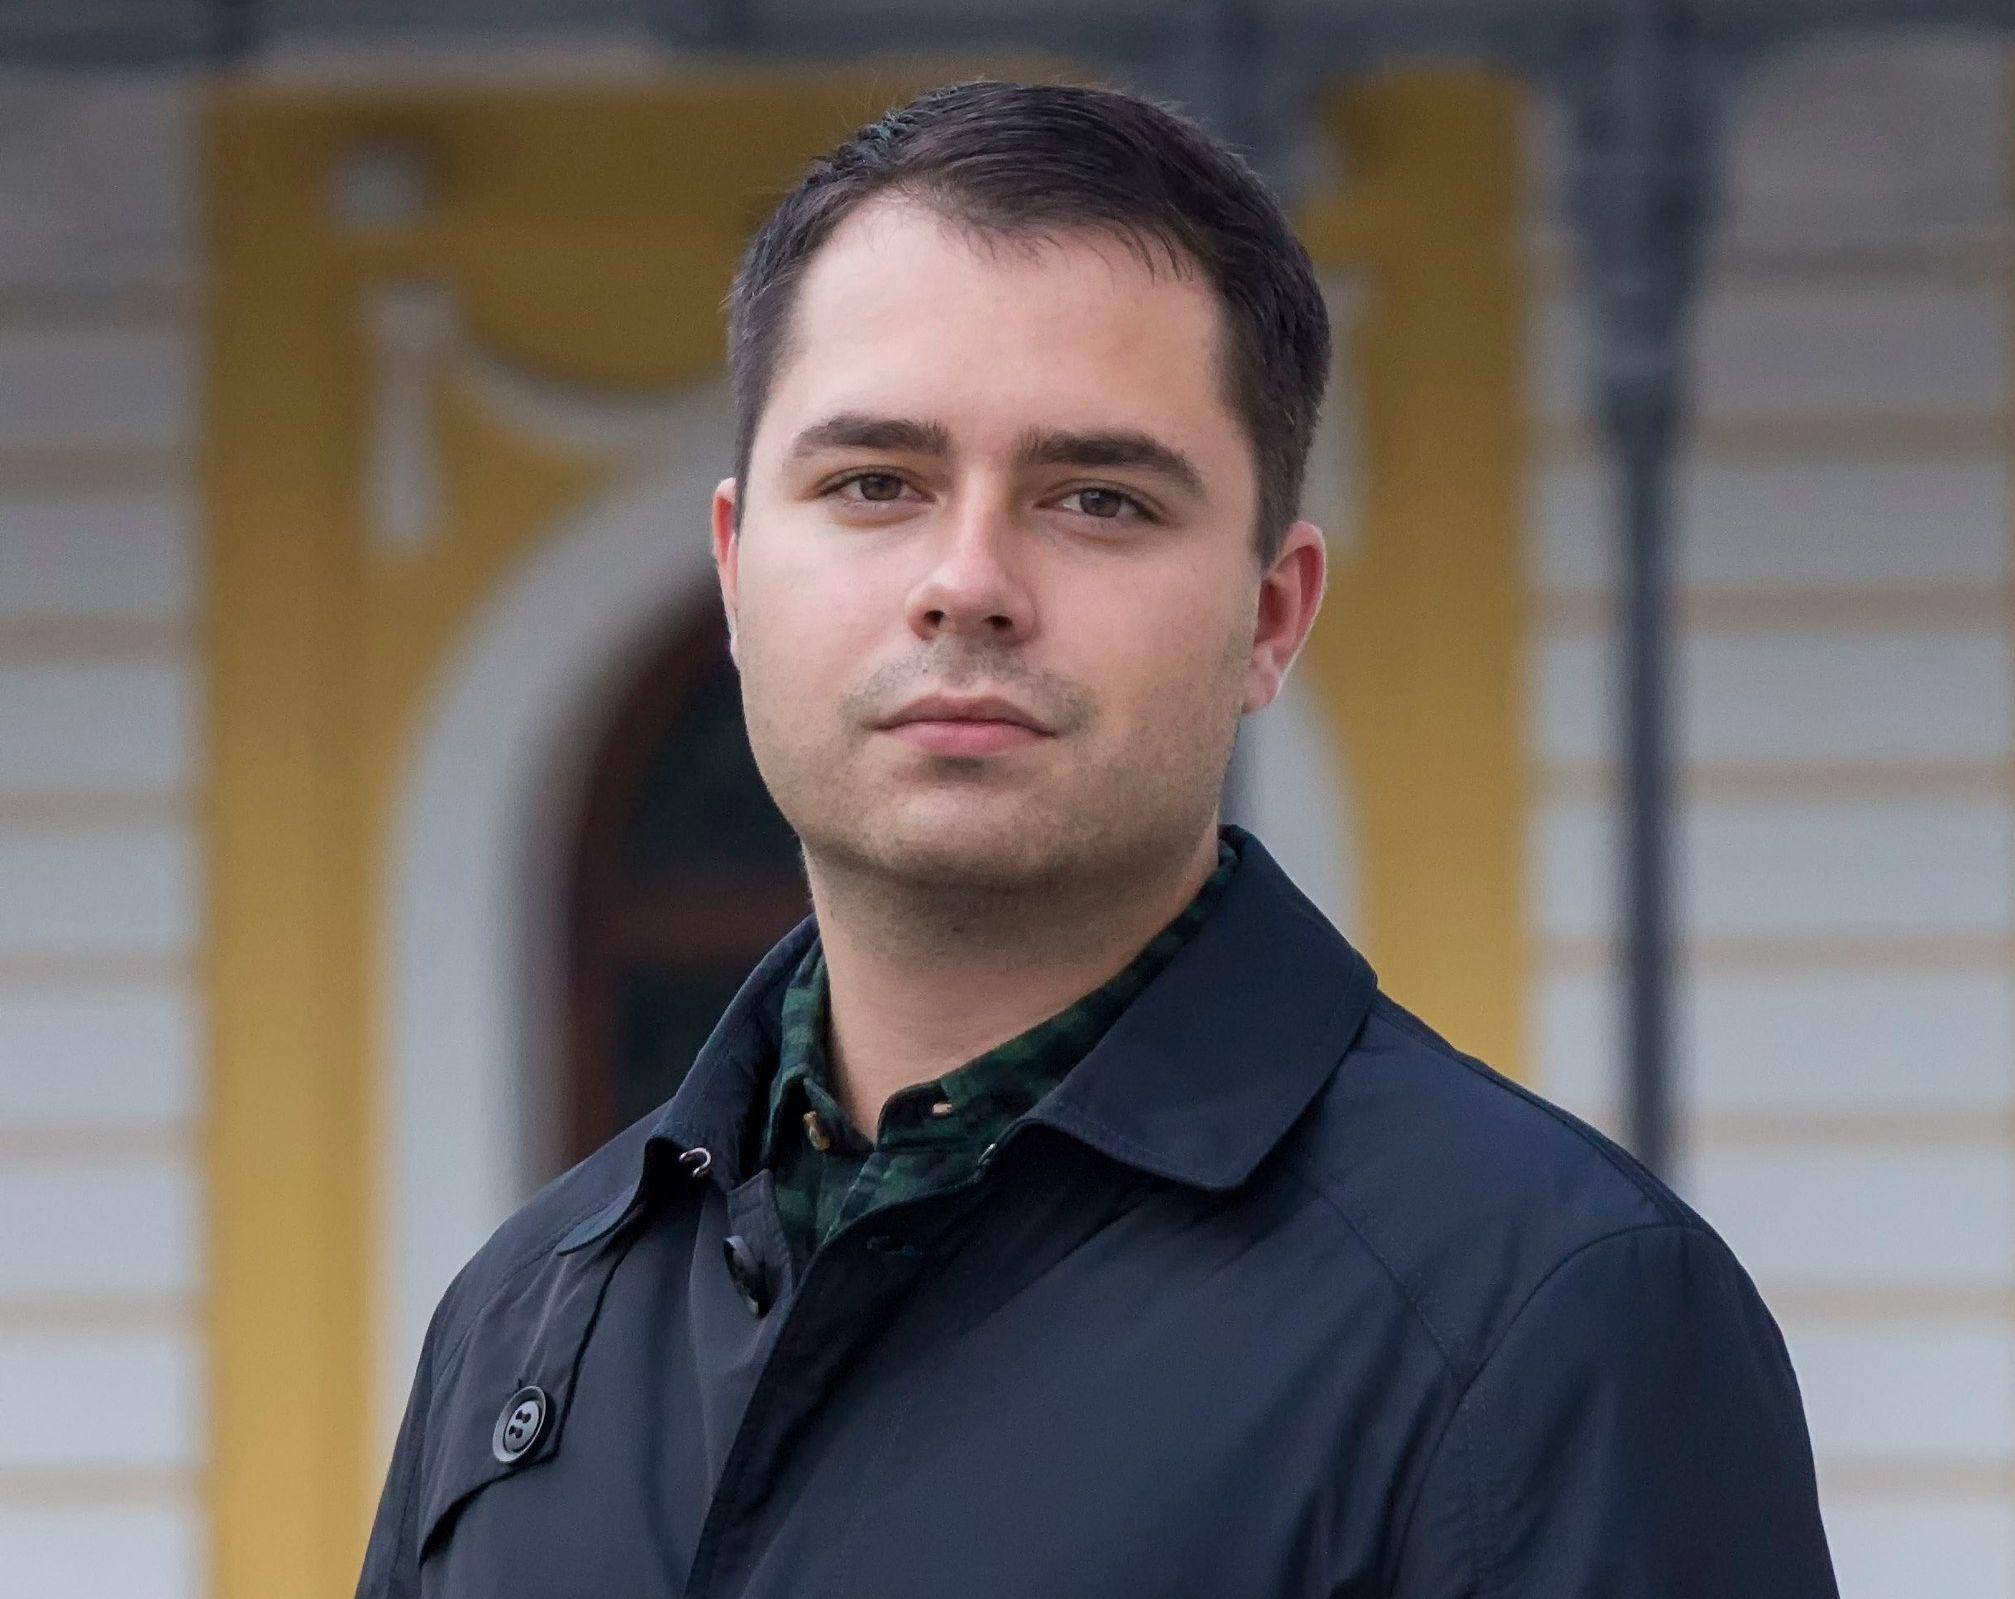 Максим Соколов: «Чистая вода из-под крана - это благо»